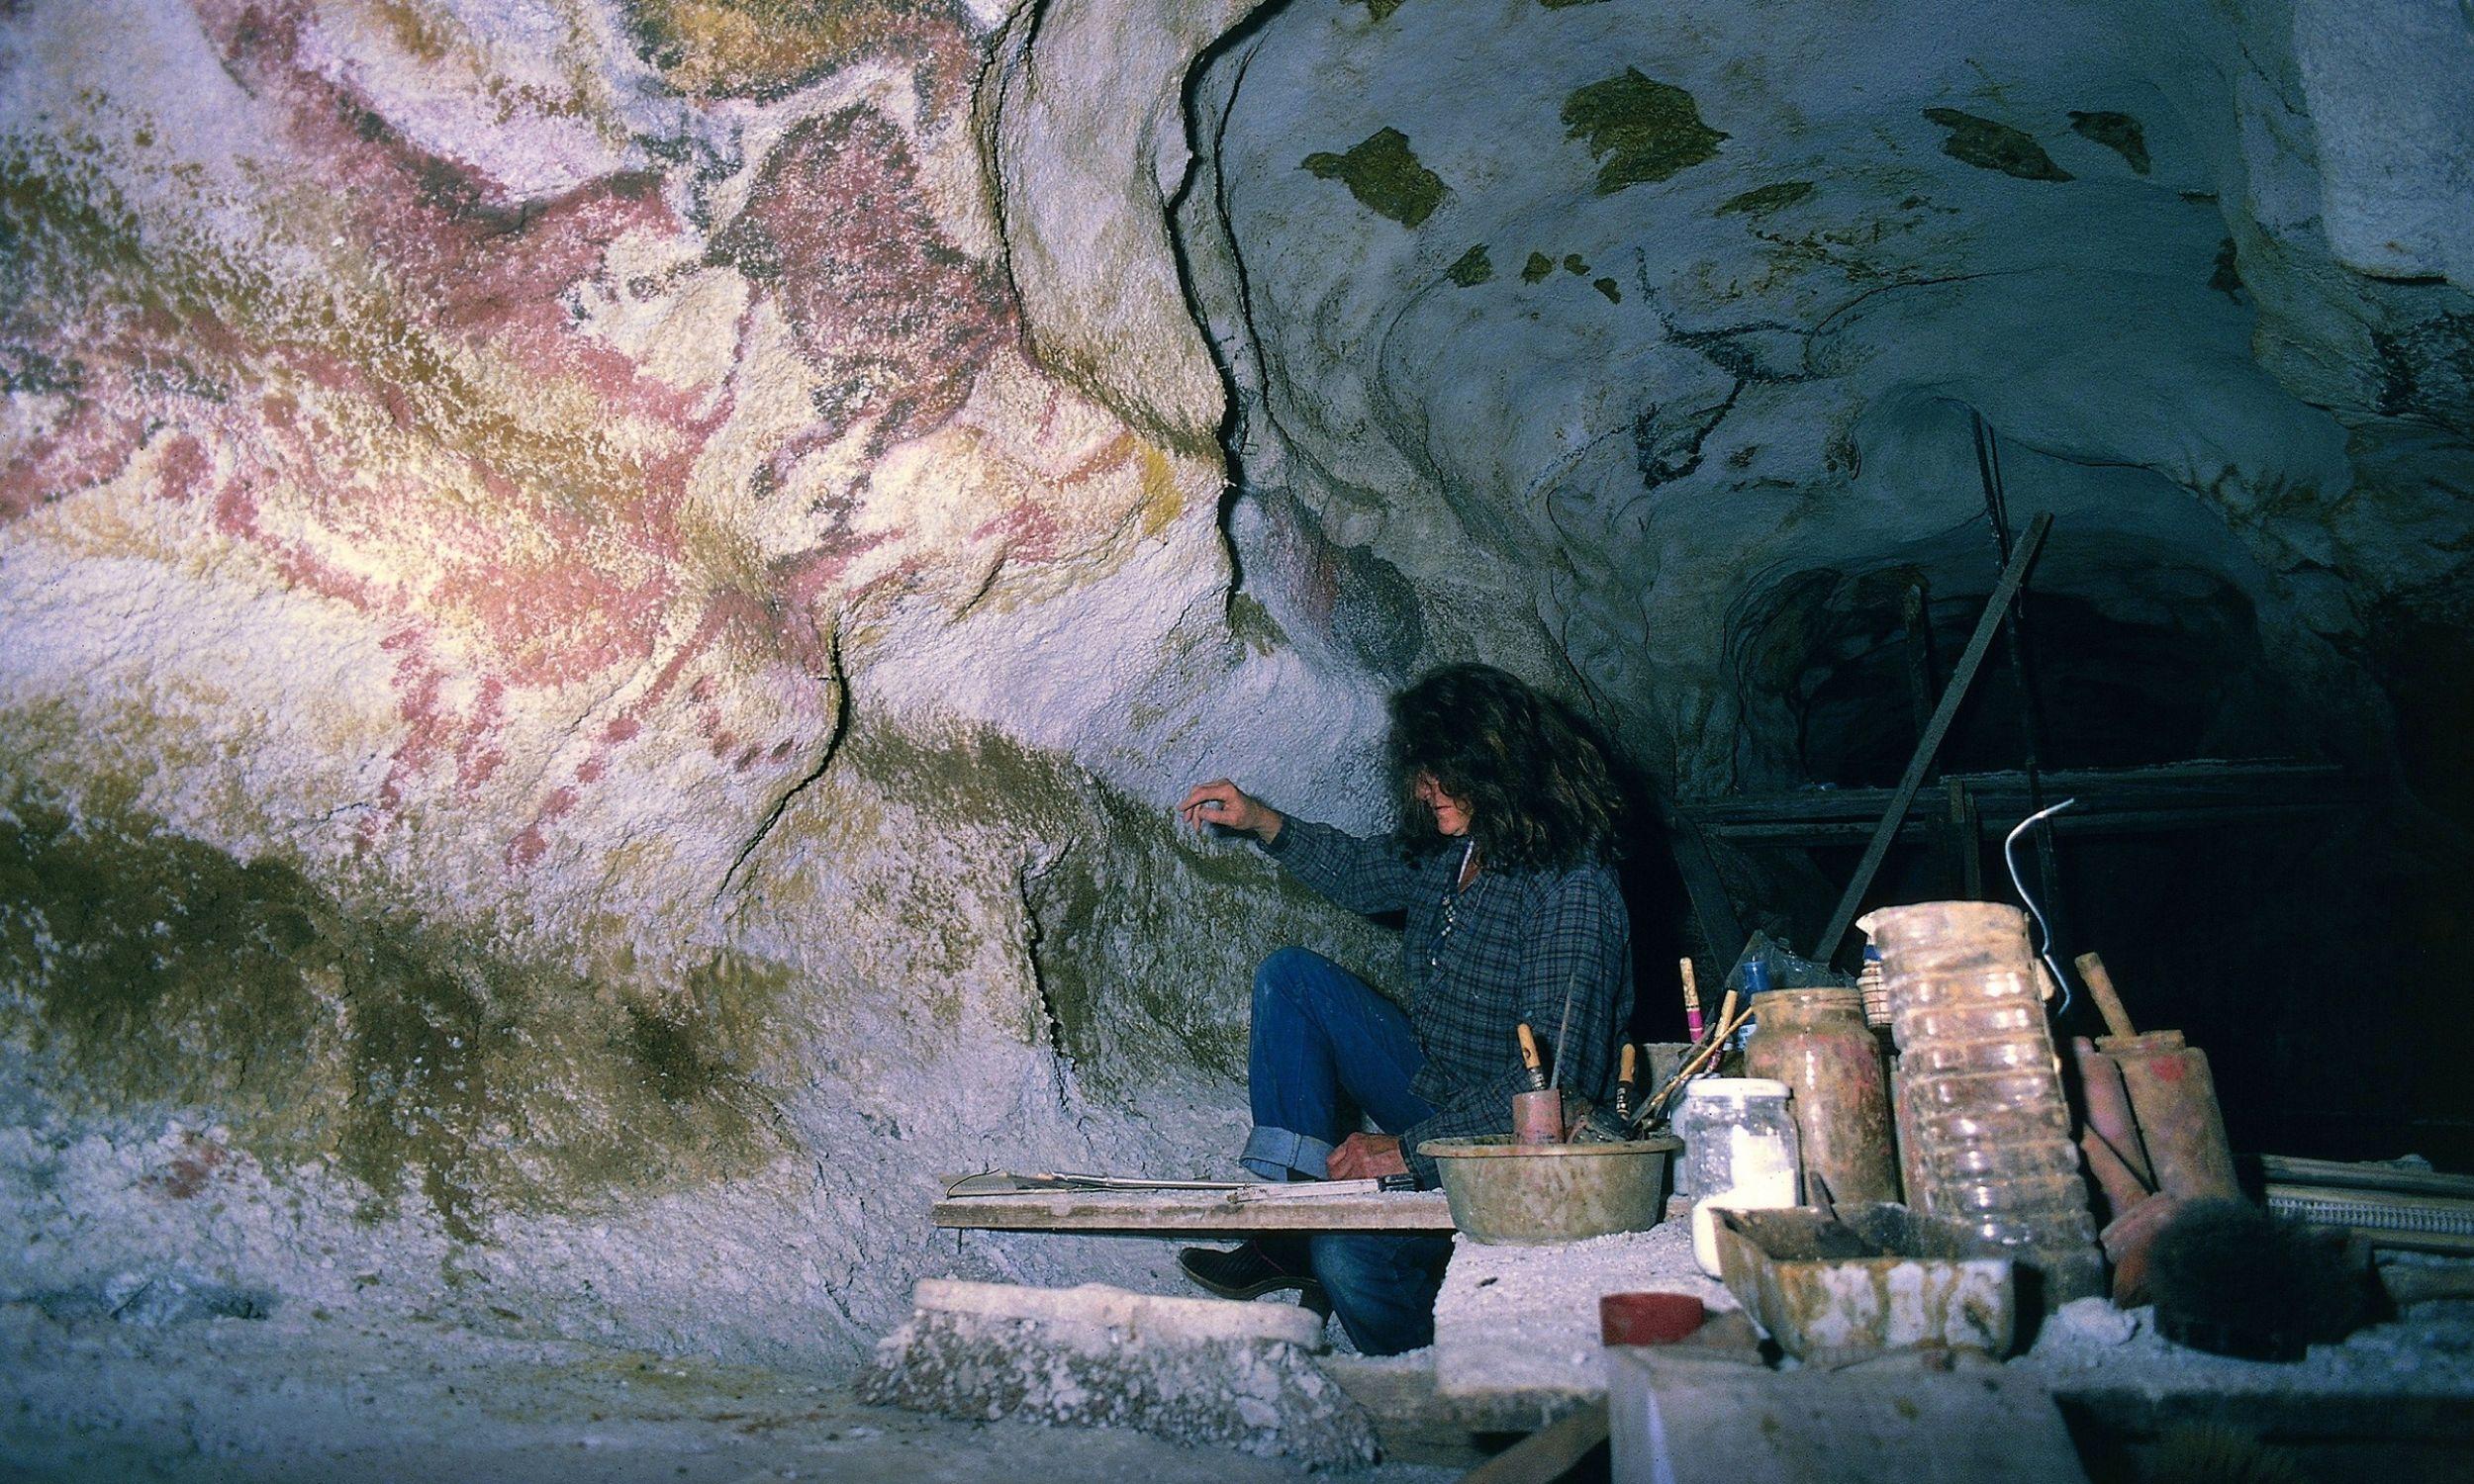 Prace konserwatorskie w grocie Lascaux. Jaskinię zamknięto dla turystów w 1963 roku, 20 lat później udostępniono zwiedzającym jej wierną kopię. Ostatnio do groty wstęp ma też tylko kilku naukowców i zaledwie dwa razy w miesiącu. Mimo to oryginalne malowidła niszczeją na skutek działania pary wodnej i dwutlenku węgla. Na ścianach pojawił się grzyb, rysunki zaczęły pokrywać się ciemnymi plamami. Fot. DEA / C. SAPPA / De Agostini / Getty Images